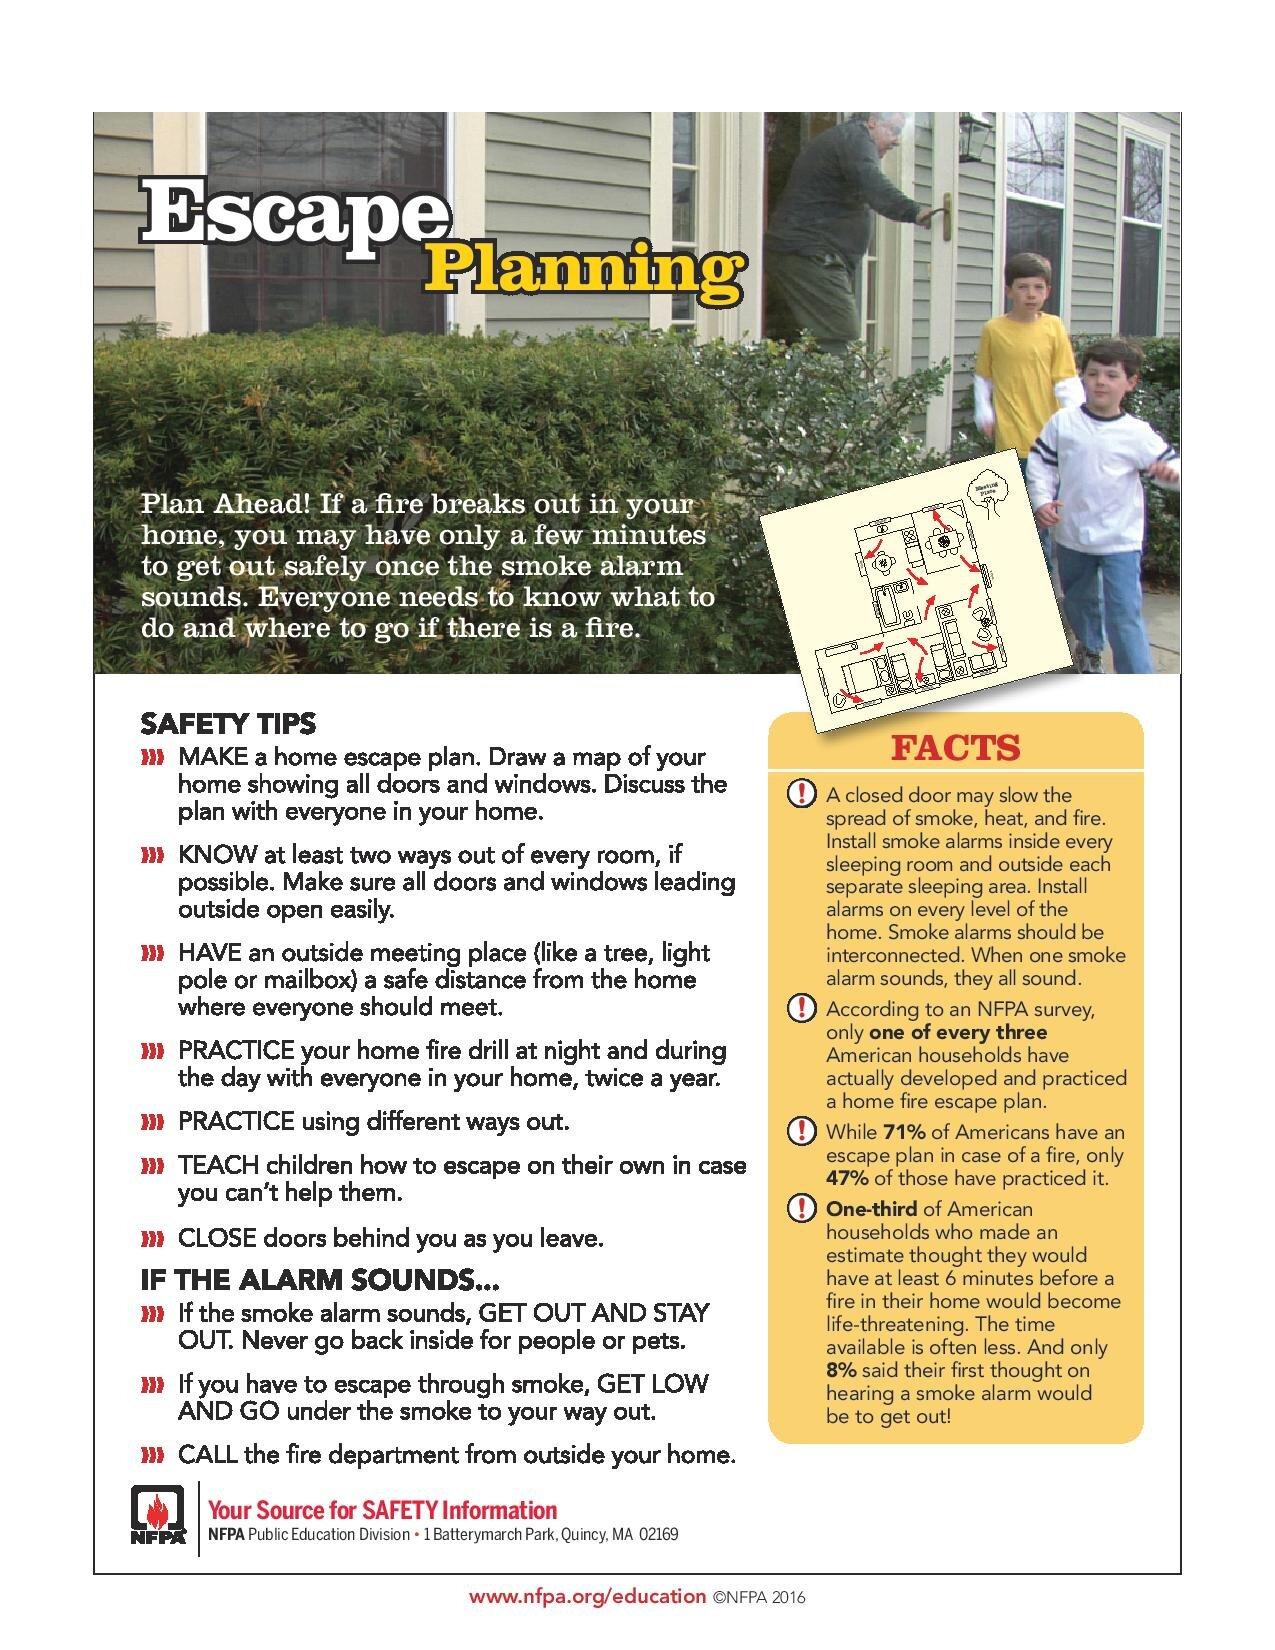 EscapePlanningTips-page-001.jpg